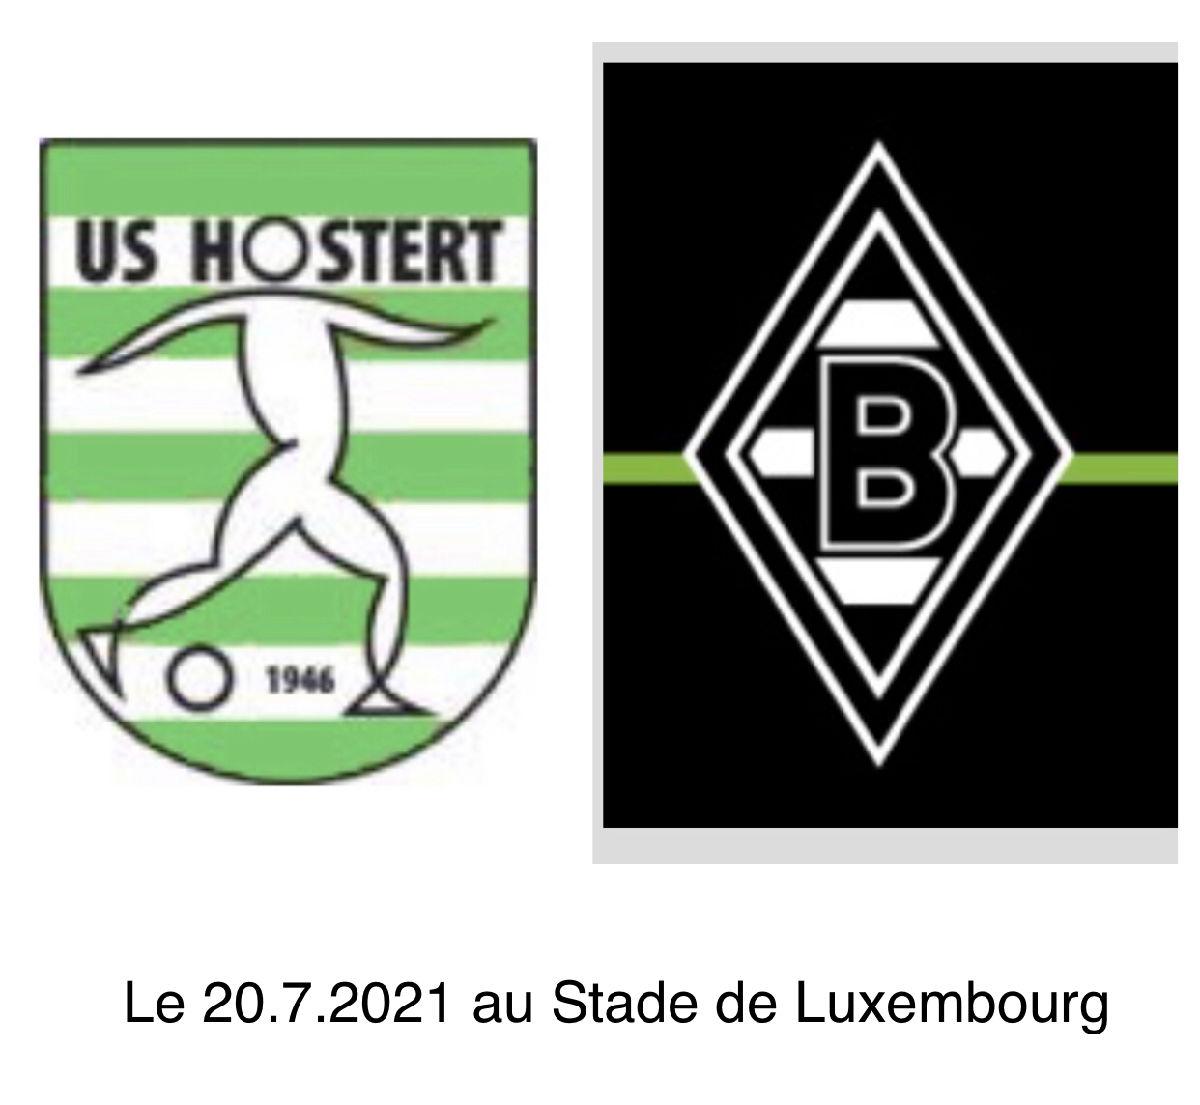 GALAMATCH US HOSTERT - BORUSSIA M'gladbach den 20.7.2021 am Stade de Luxembourg (méi Infos op onser fb-Sait) !